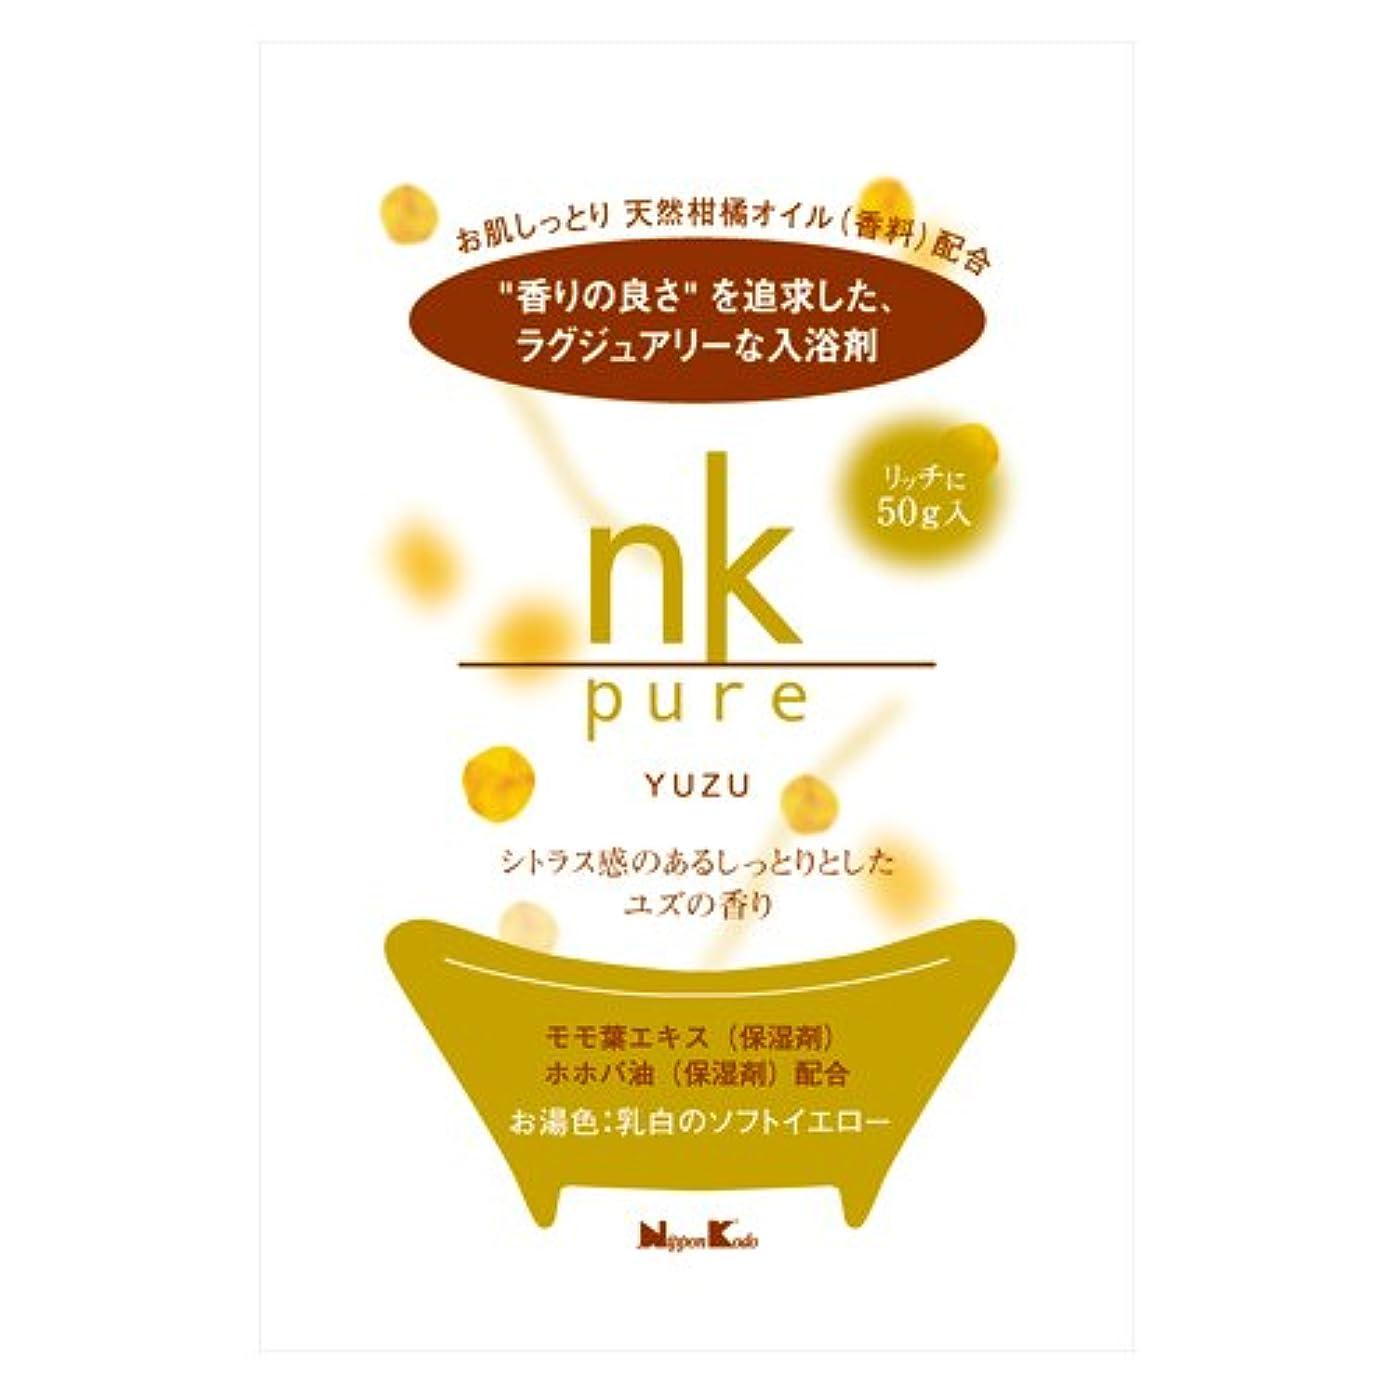 修理工エキスパート使い込む【X10個セット】 nk pure 入浴剤 ユズ 50g